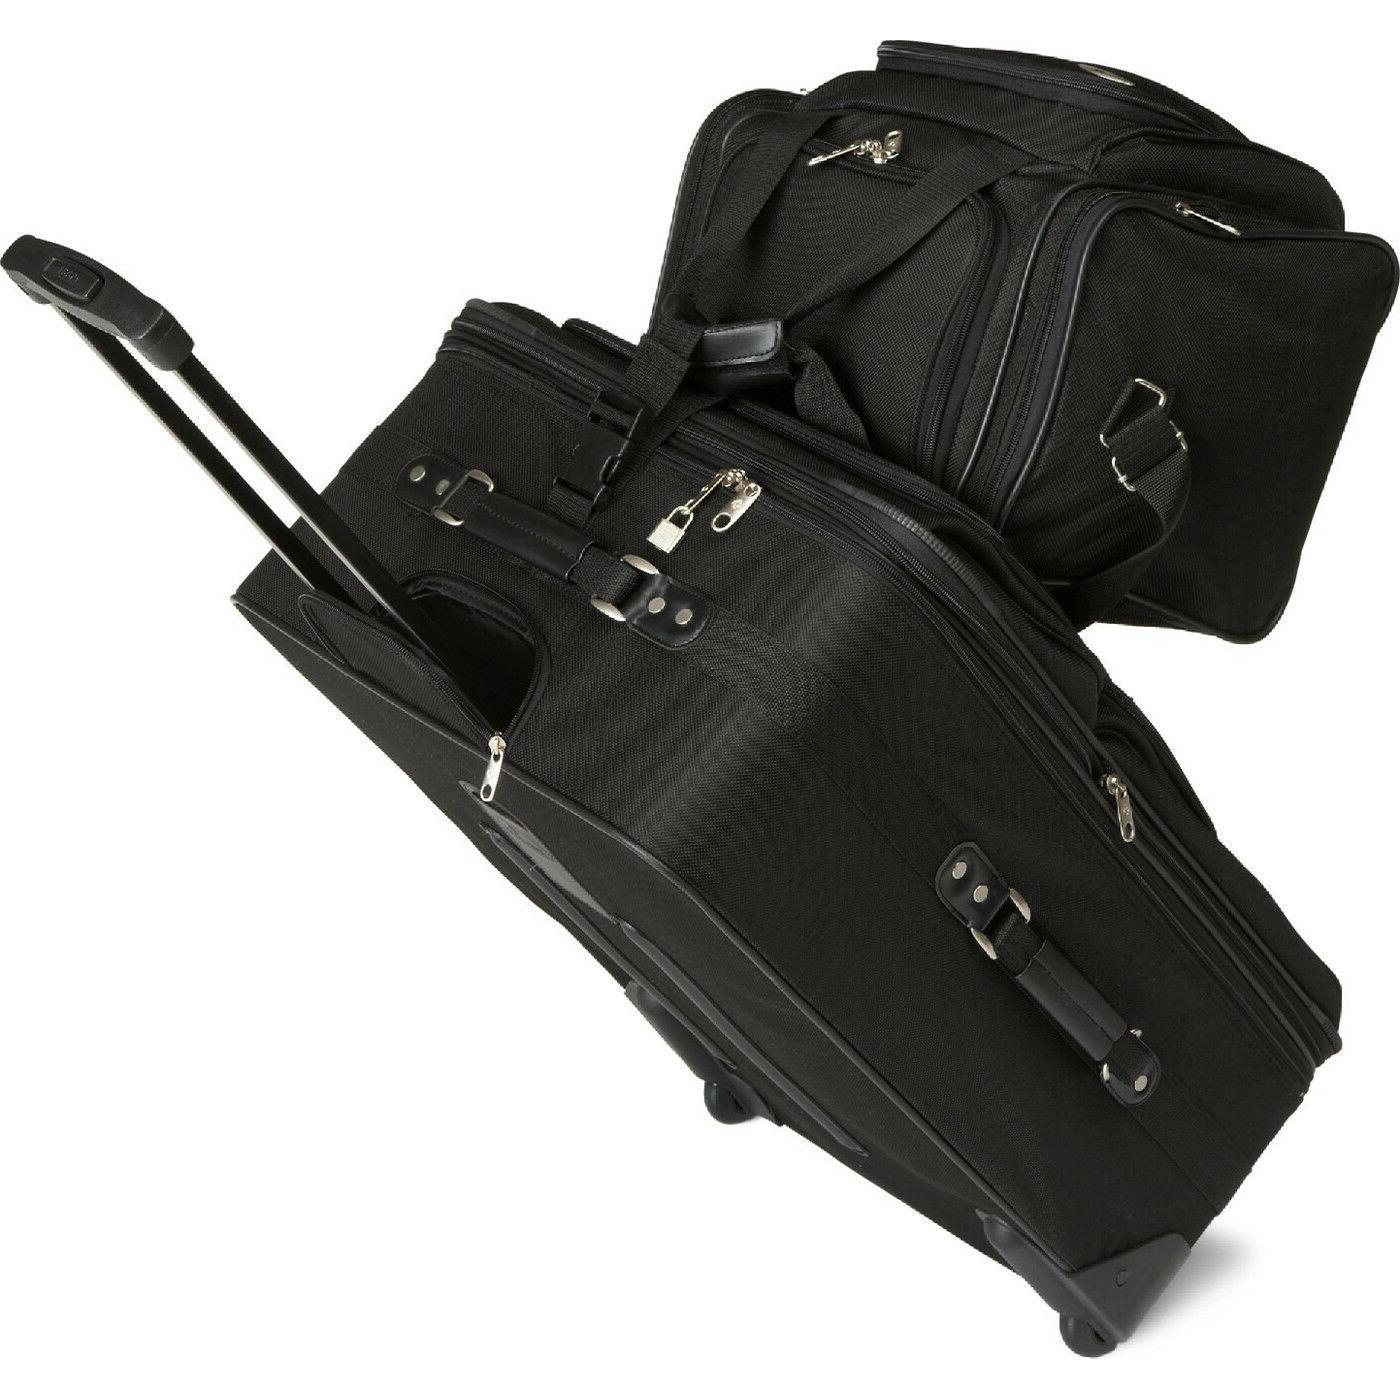 Samsonite Nested Luggage Suitcase Set - &